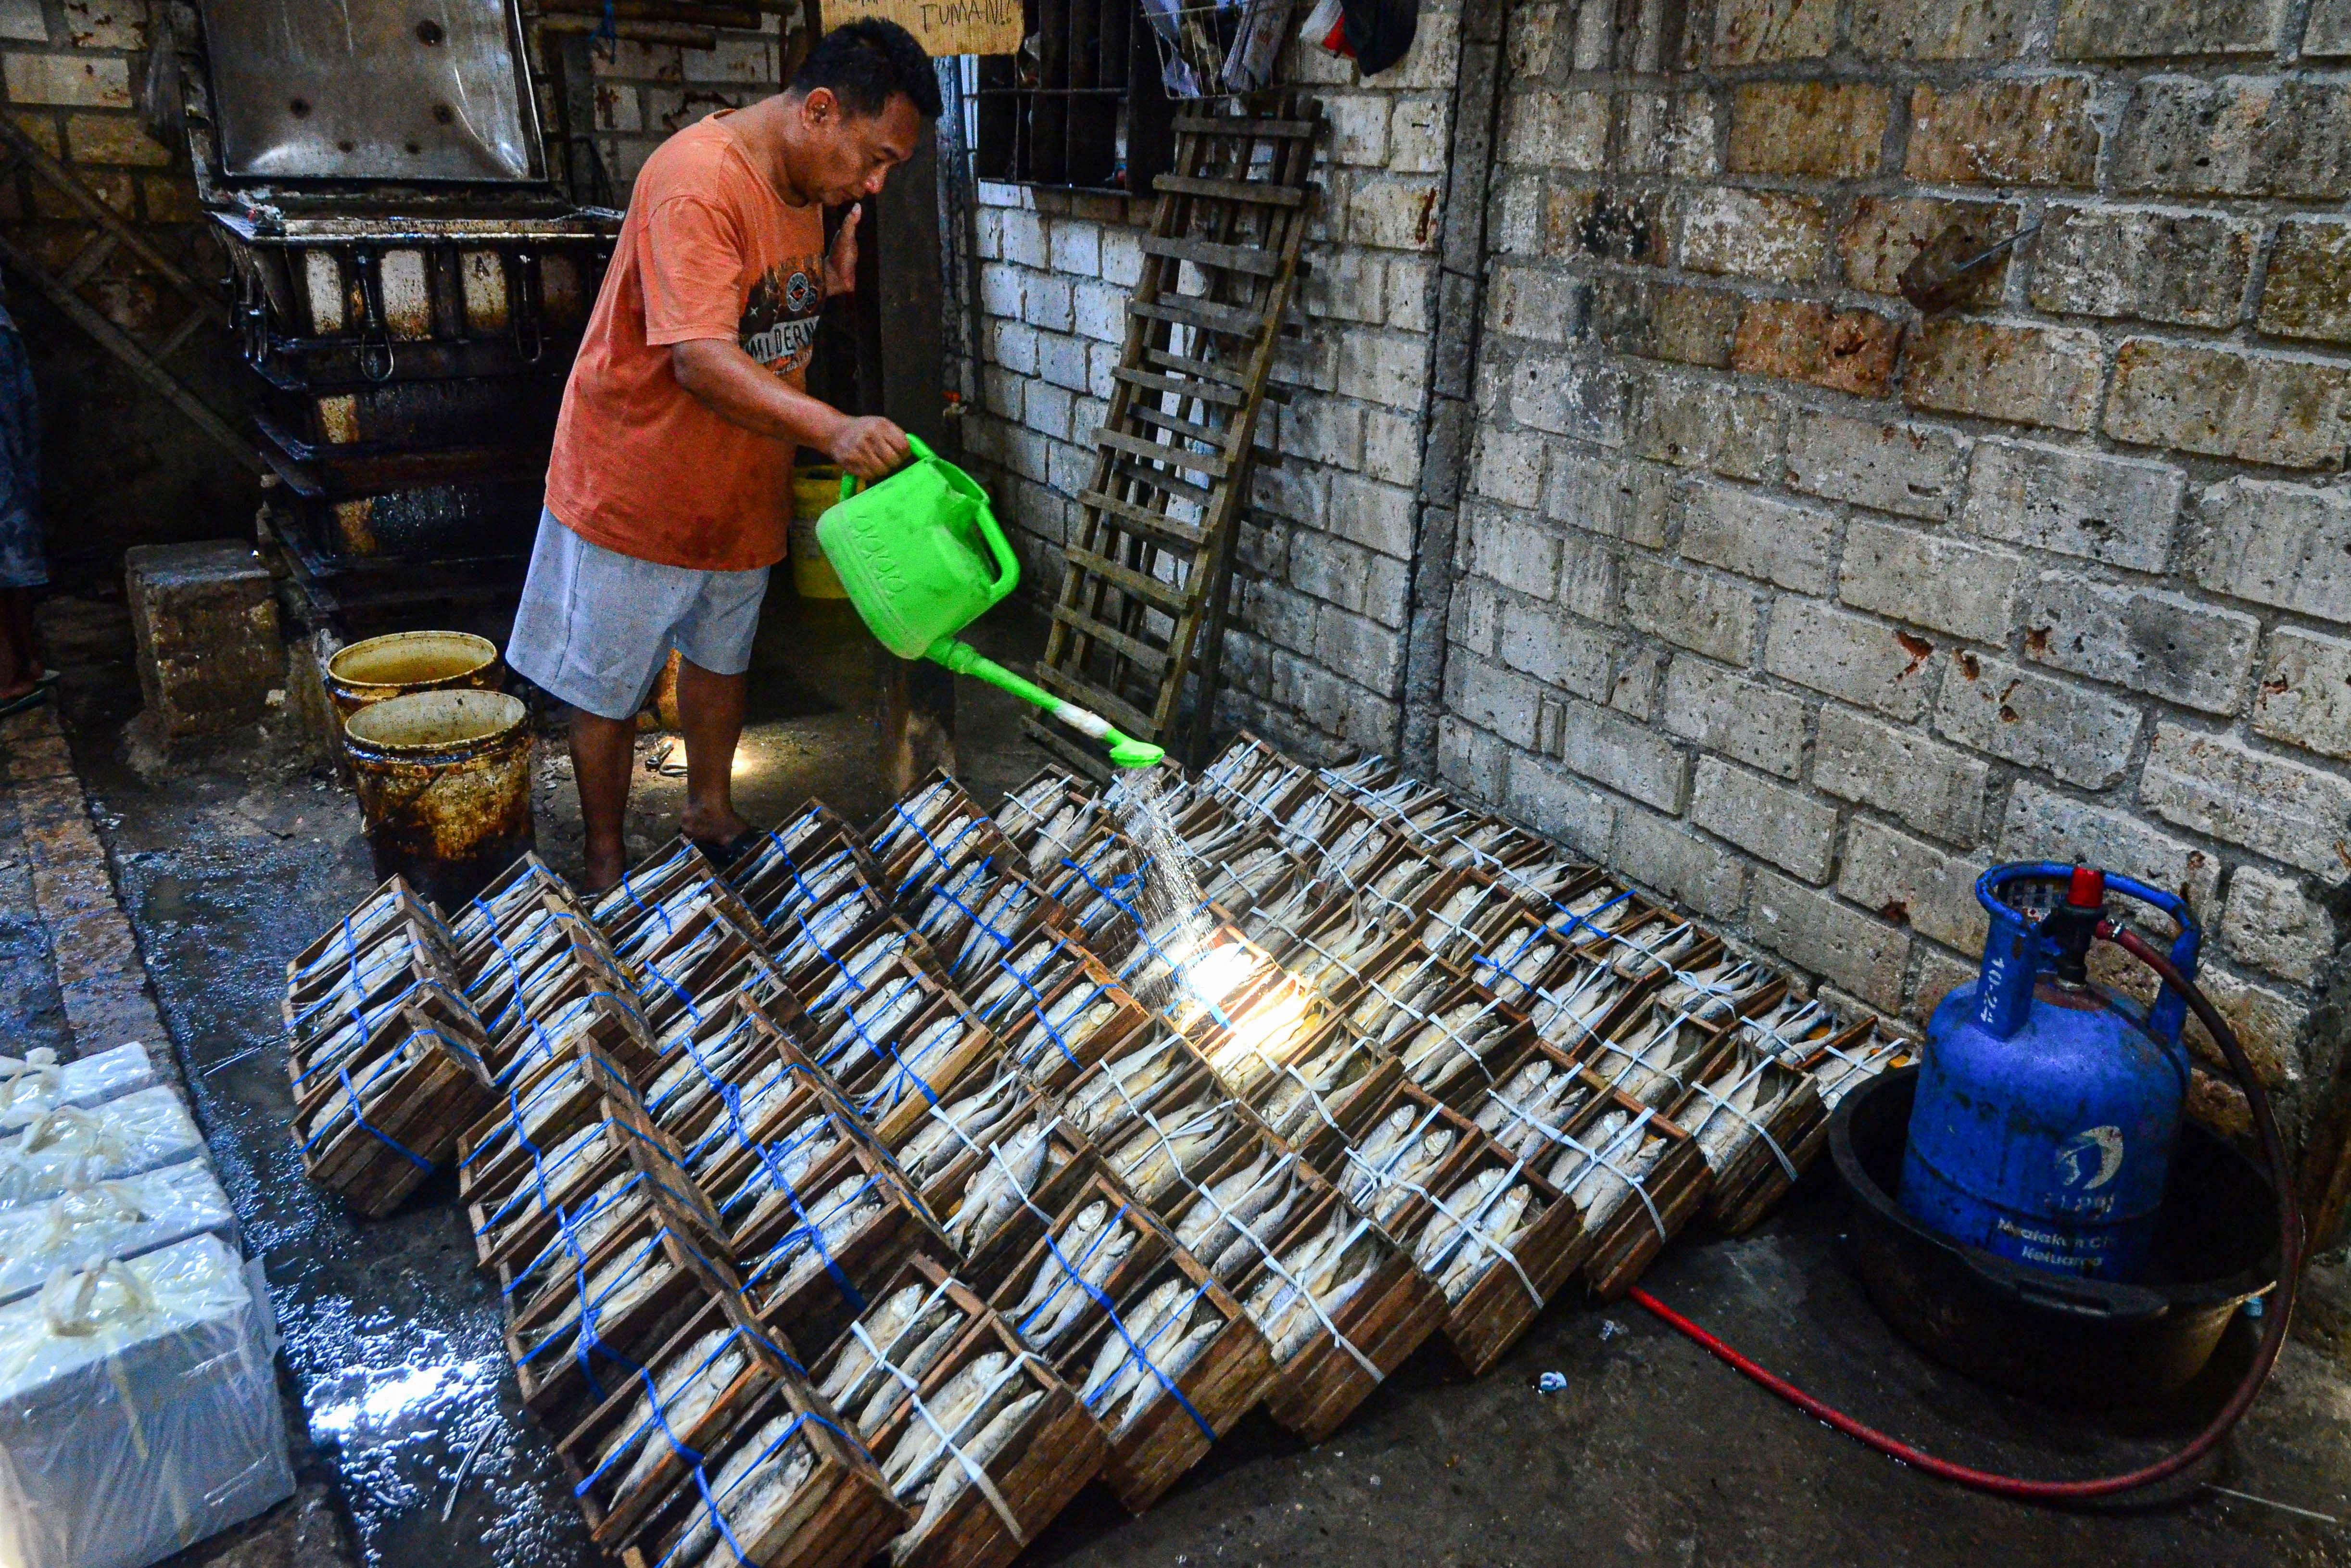 Pemilik usaha pengolahan ikan membesihkan bandeng presto di Desa Dukutalit, Juwana, Pati, Jawa Tengah.\r\n